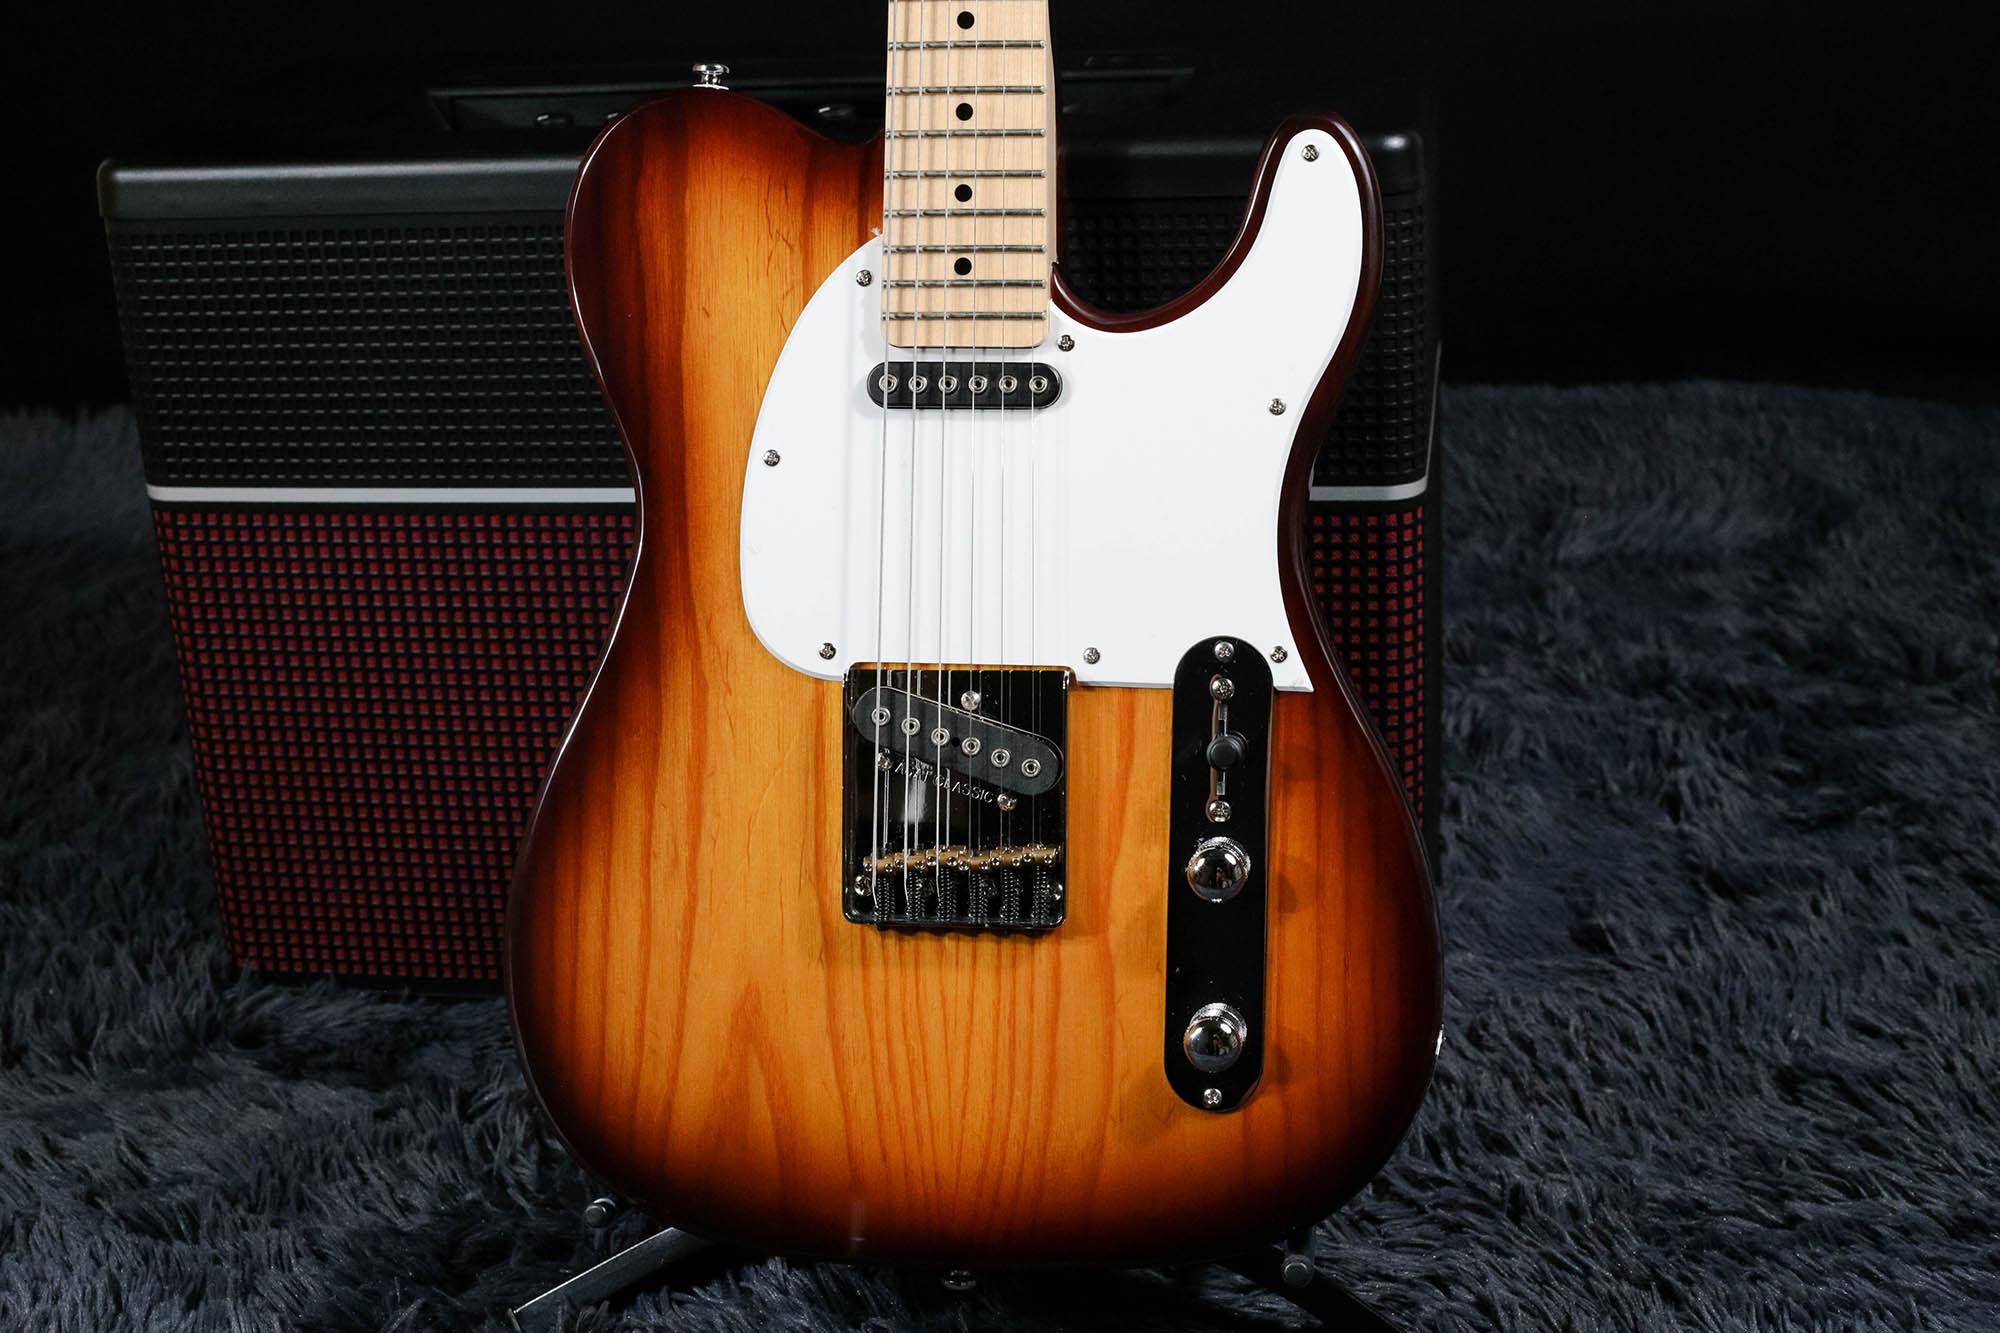 Guitarra G&L Tribute ASAT Classic TI-ACL | Tele | Tobacco Sunburst